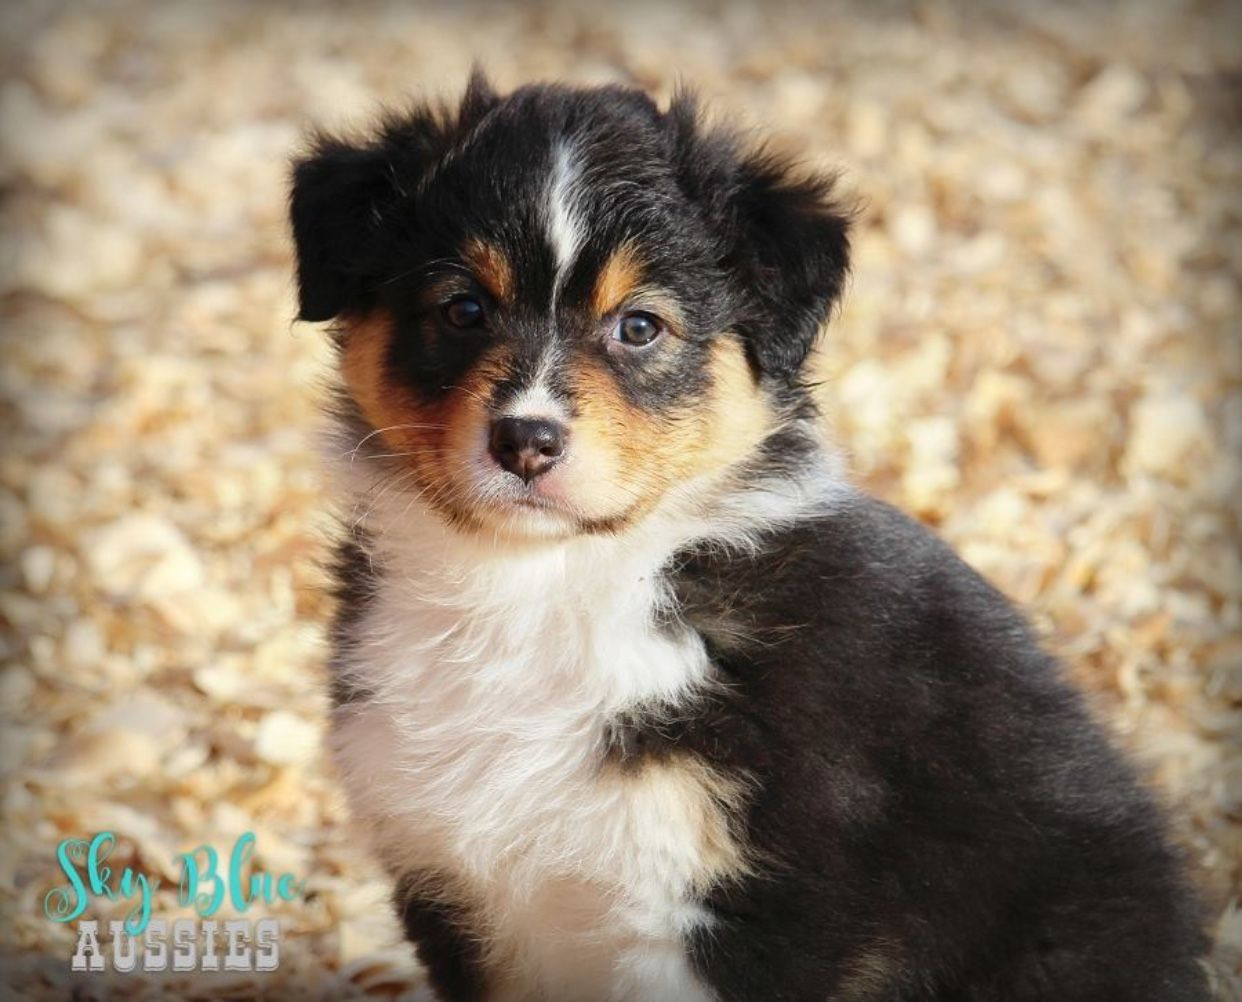 Australian shepherd puppy Sadie! Black tri Aussie puppies